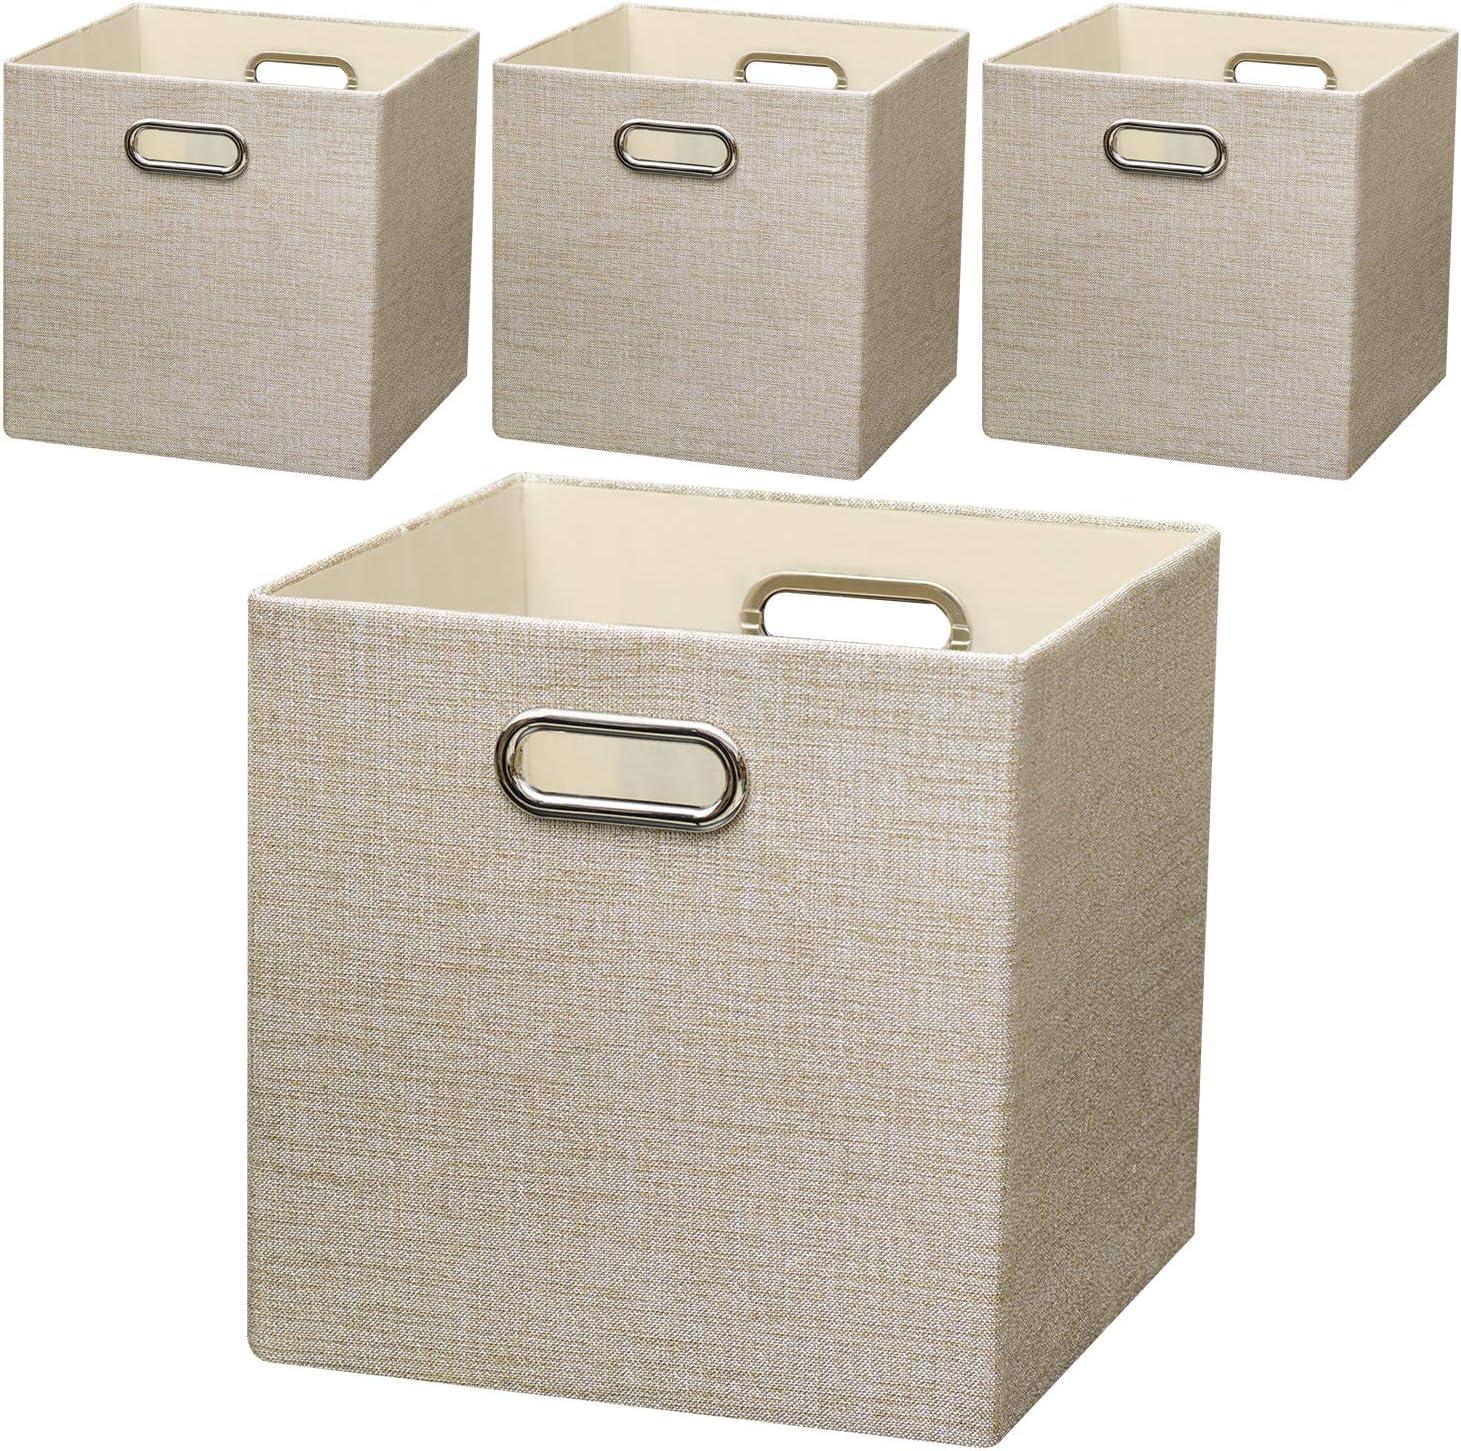 Doble Rueda dise/ño Bins Cubo de almacenamiento Compras Tronco Organizador for el coche Organizador del tronco de coche for el almacenamiento de la familia Via Almacenamiento plegable durable caja